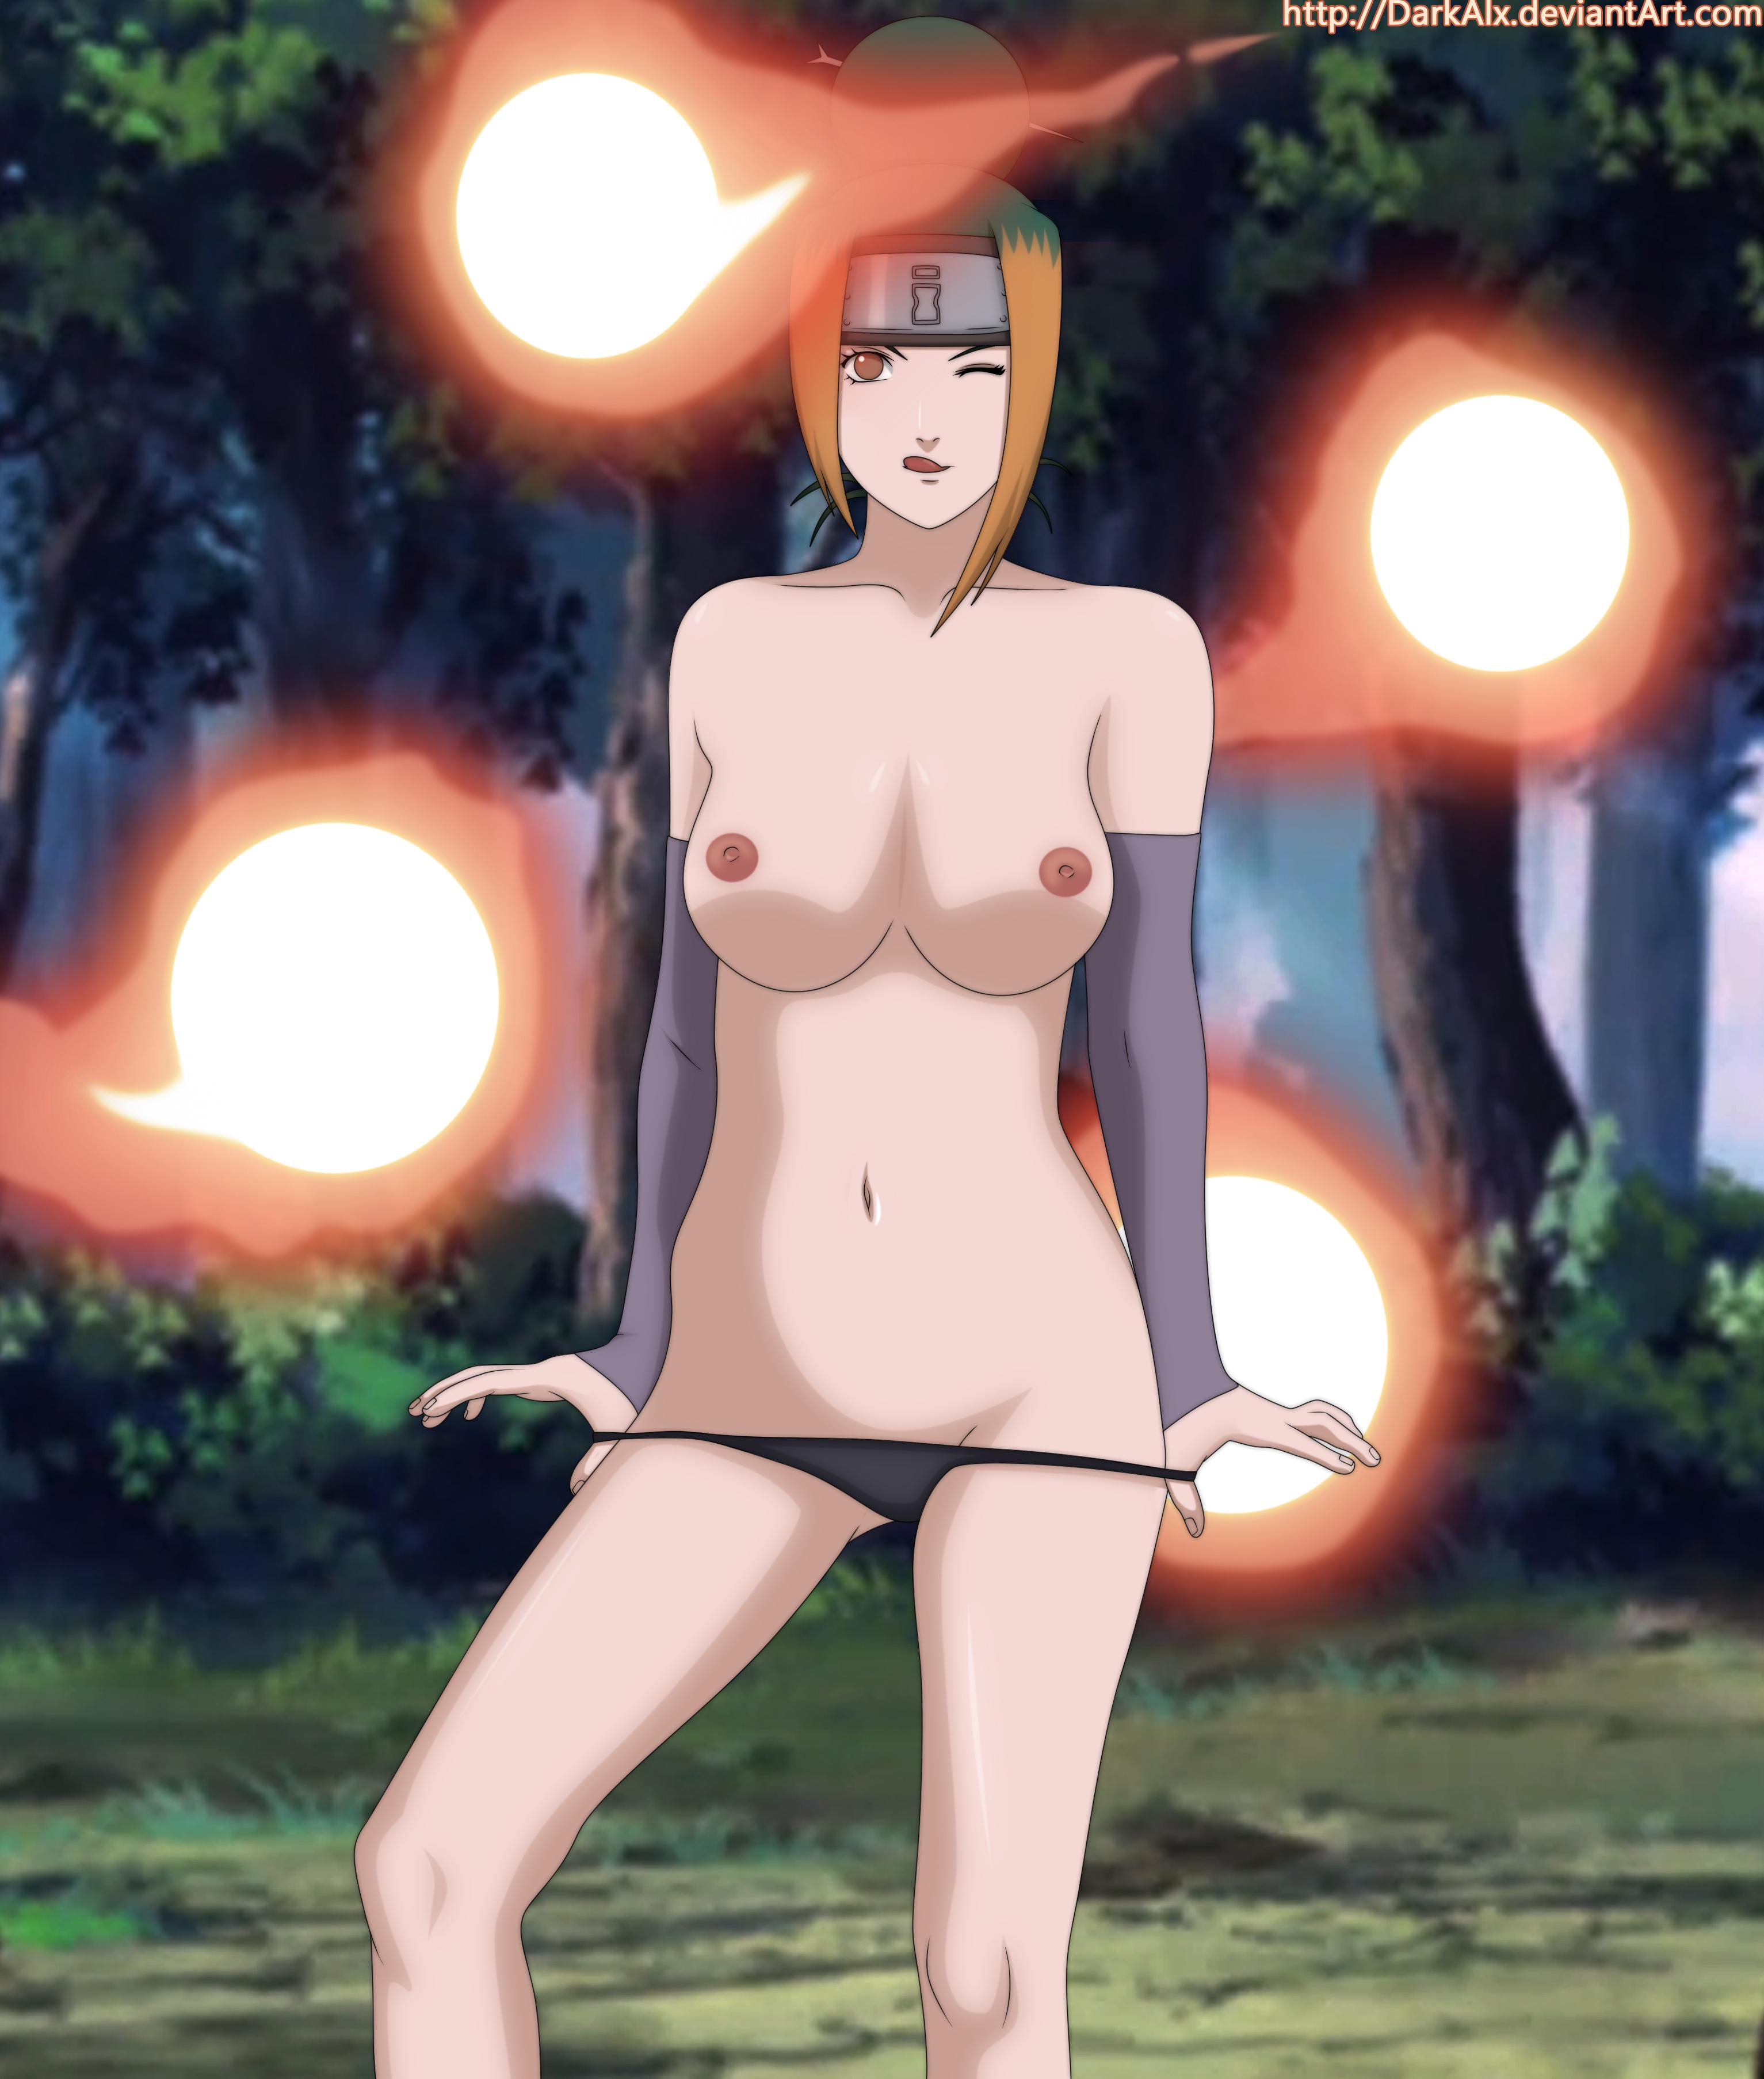 Manga pixxx pornos galleries